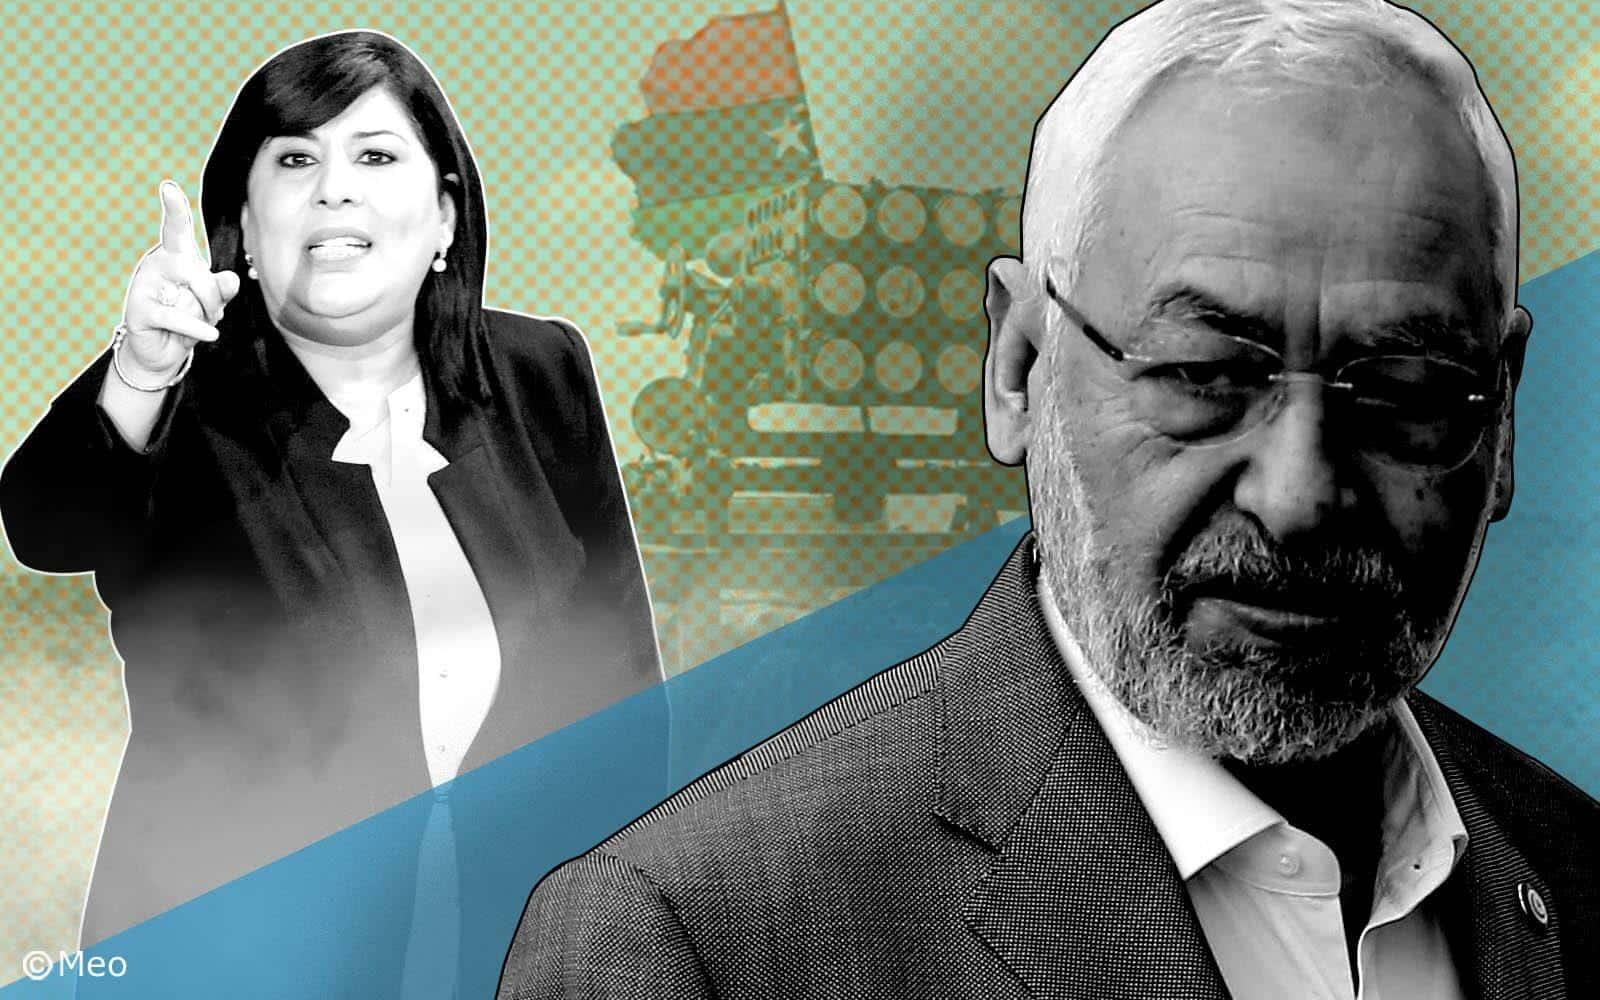 الغنوشي يعاقب عبير موسى بالمنع من الالتحاق بأعمال مكتب البرلمان التونسي